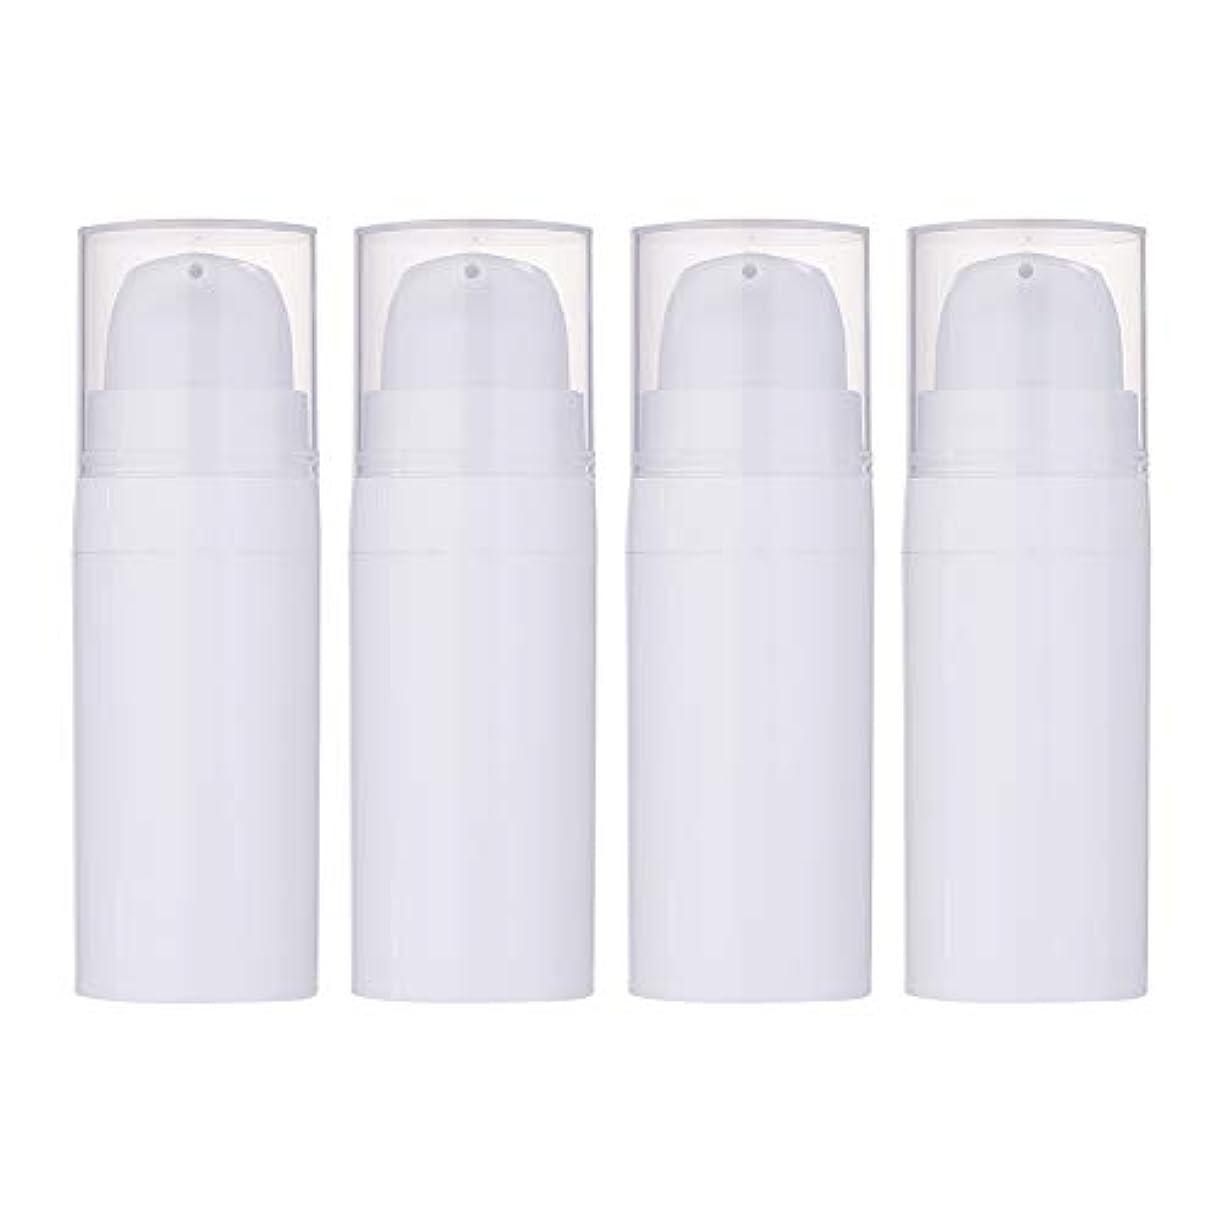 敬白鳥モットーBENECREAT 10個セット10ml真空ポンプボトル 空ボトル クリーム 化粧水ボトル 化粧品小分けボトル 詰め替えボトル トラベル 白色